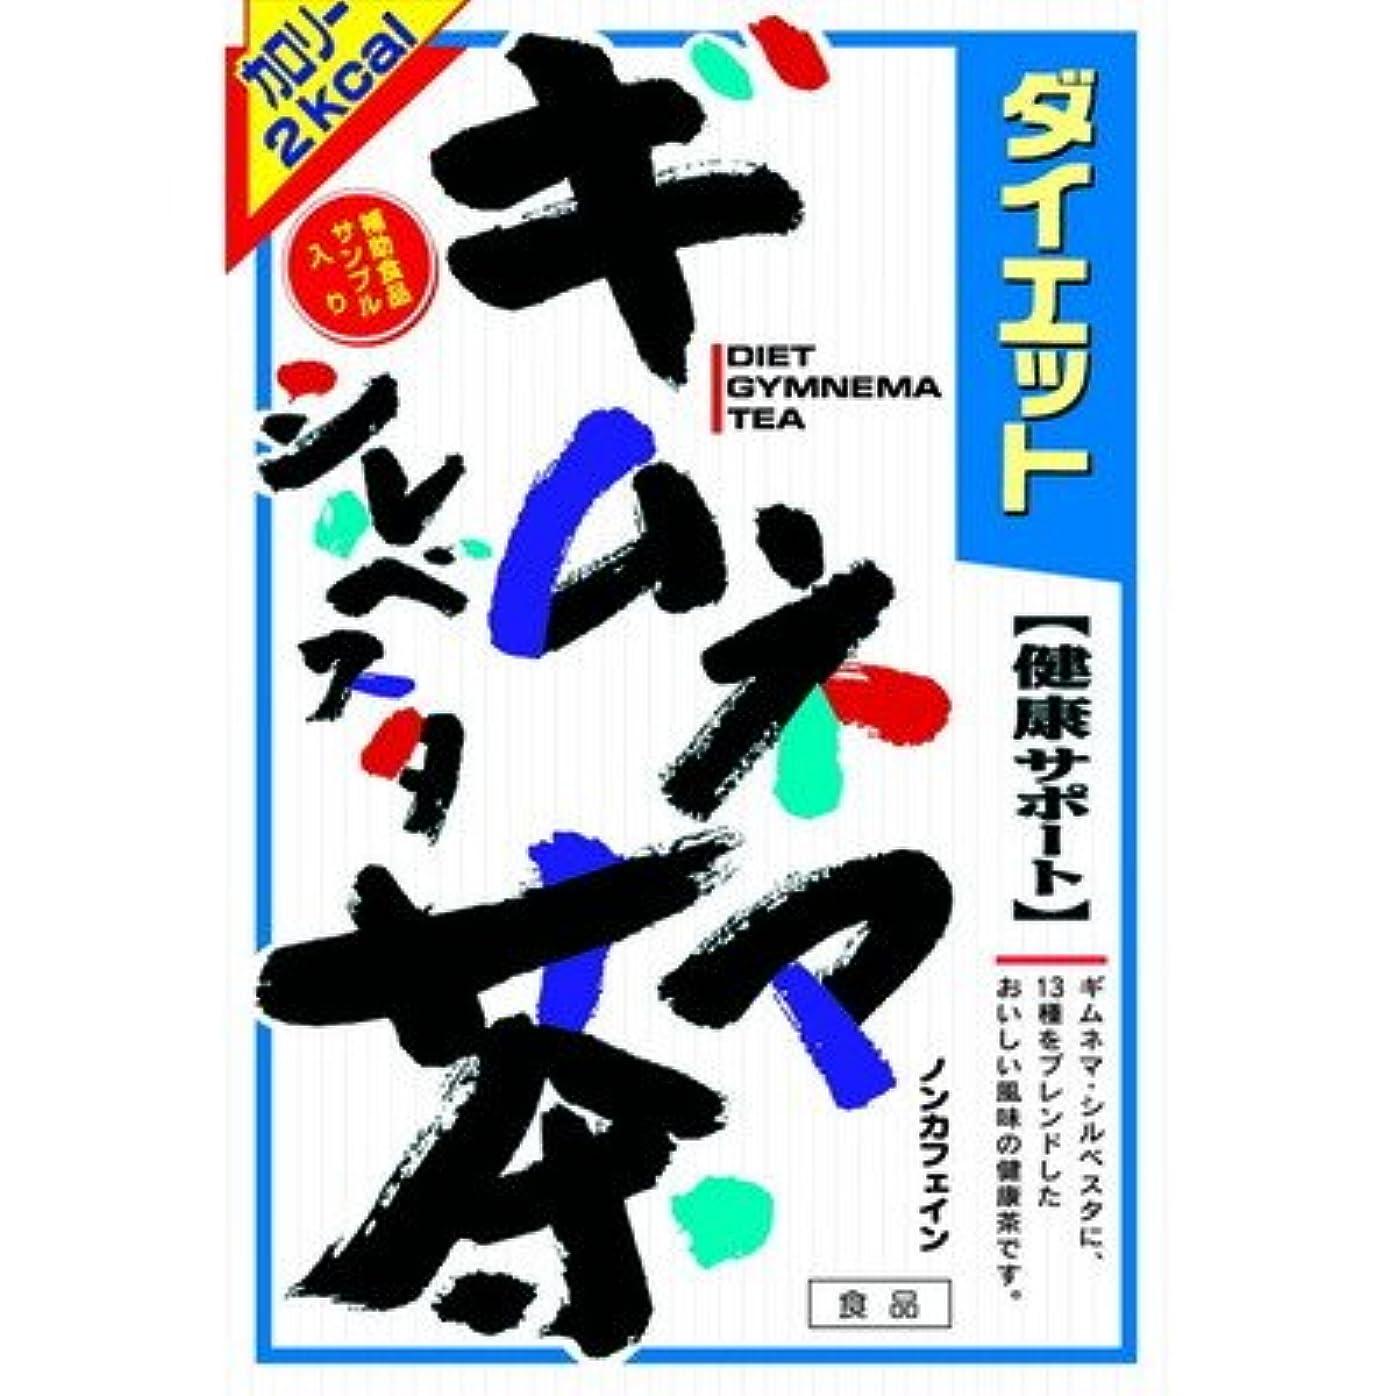 グリット統治するカトリック教徒山本漢方 ダイエットギムネマシルベスタ茶 8g x 24包【2個セット】